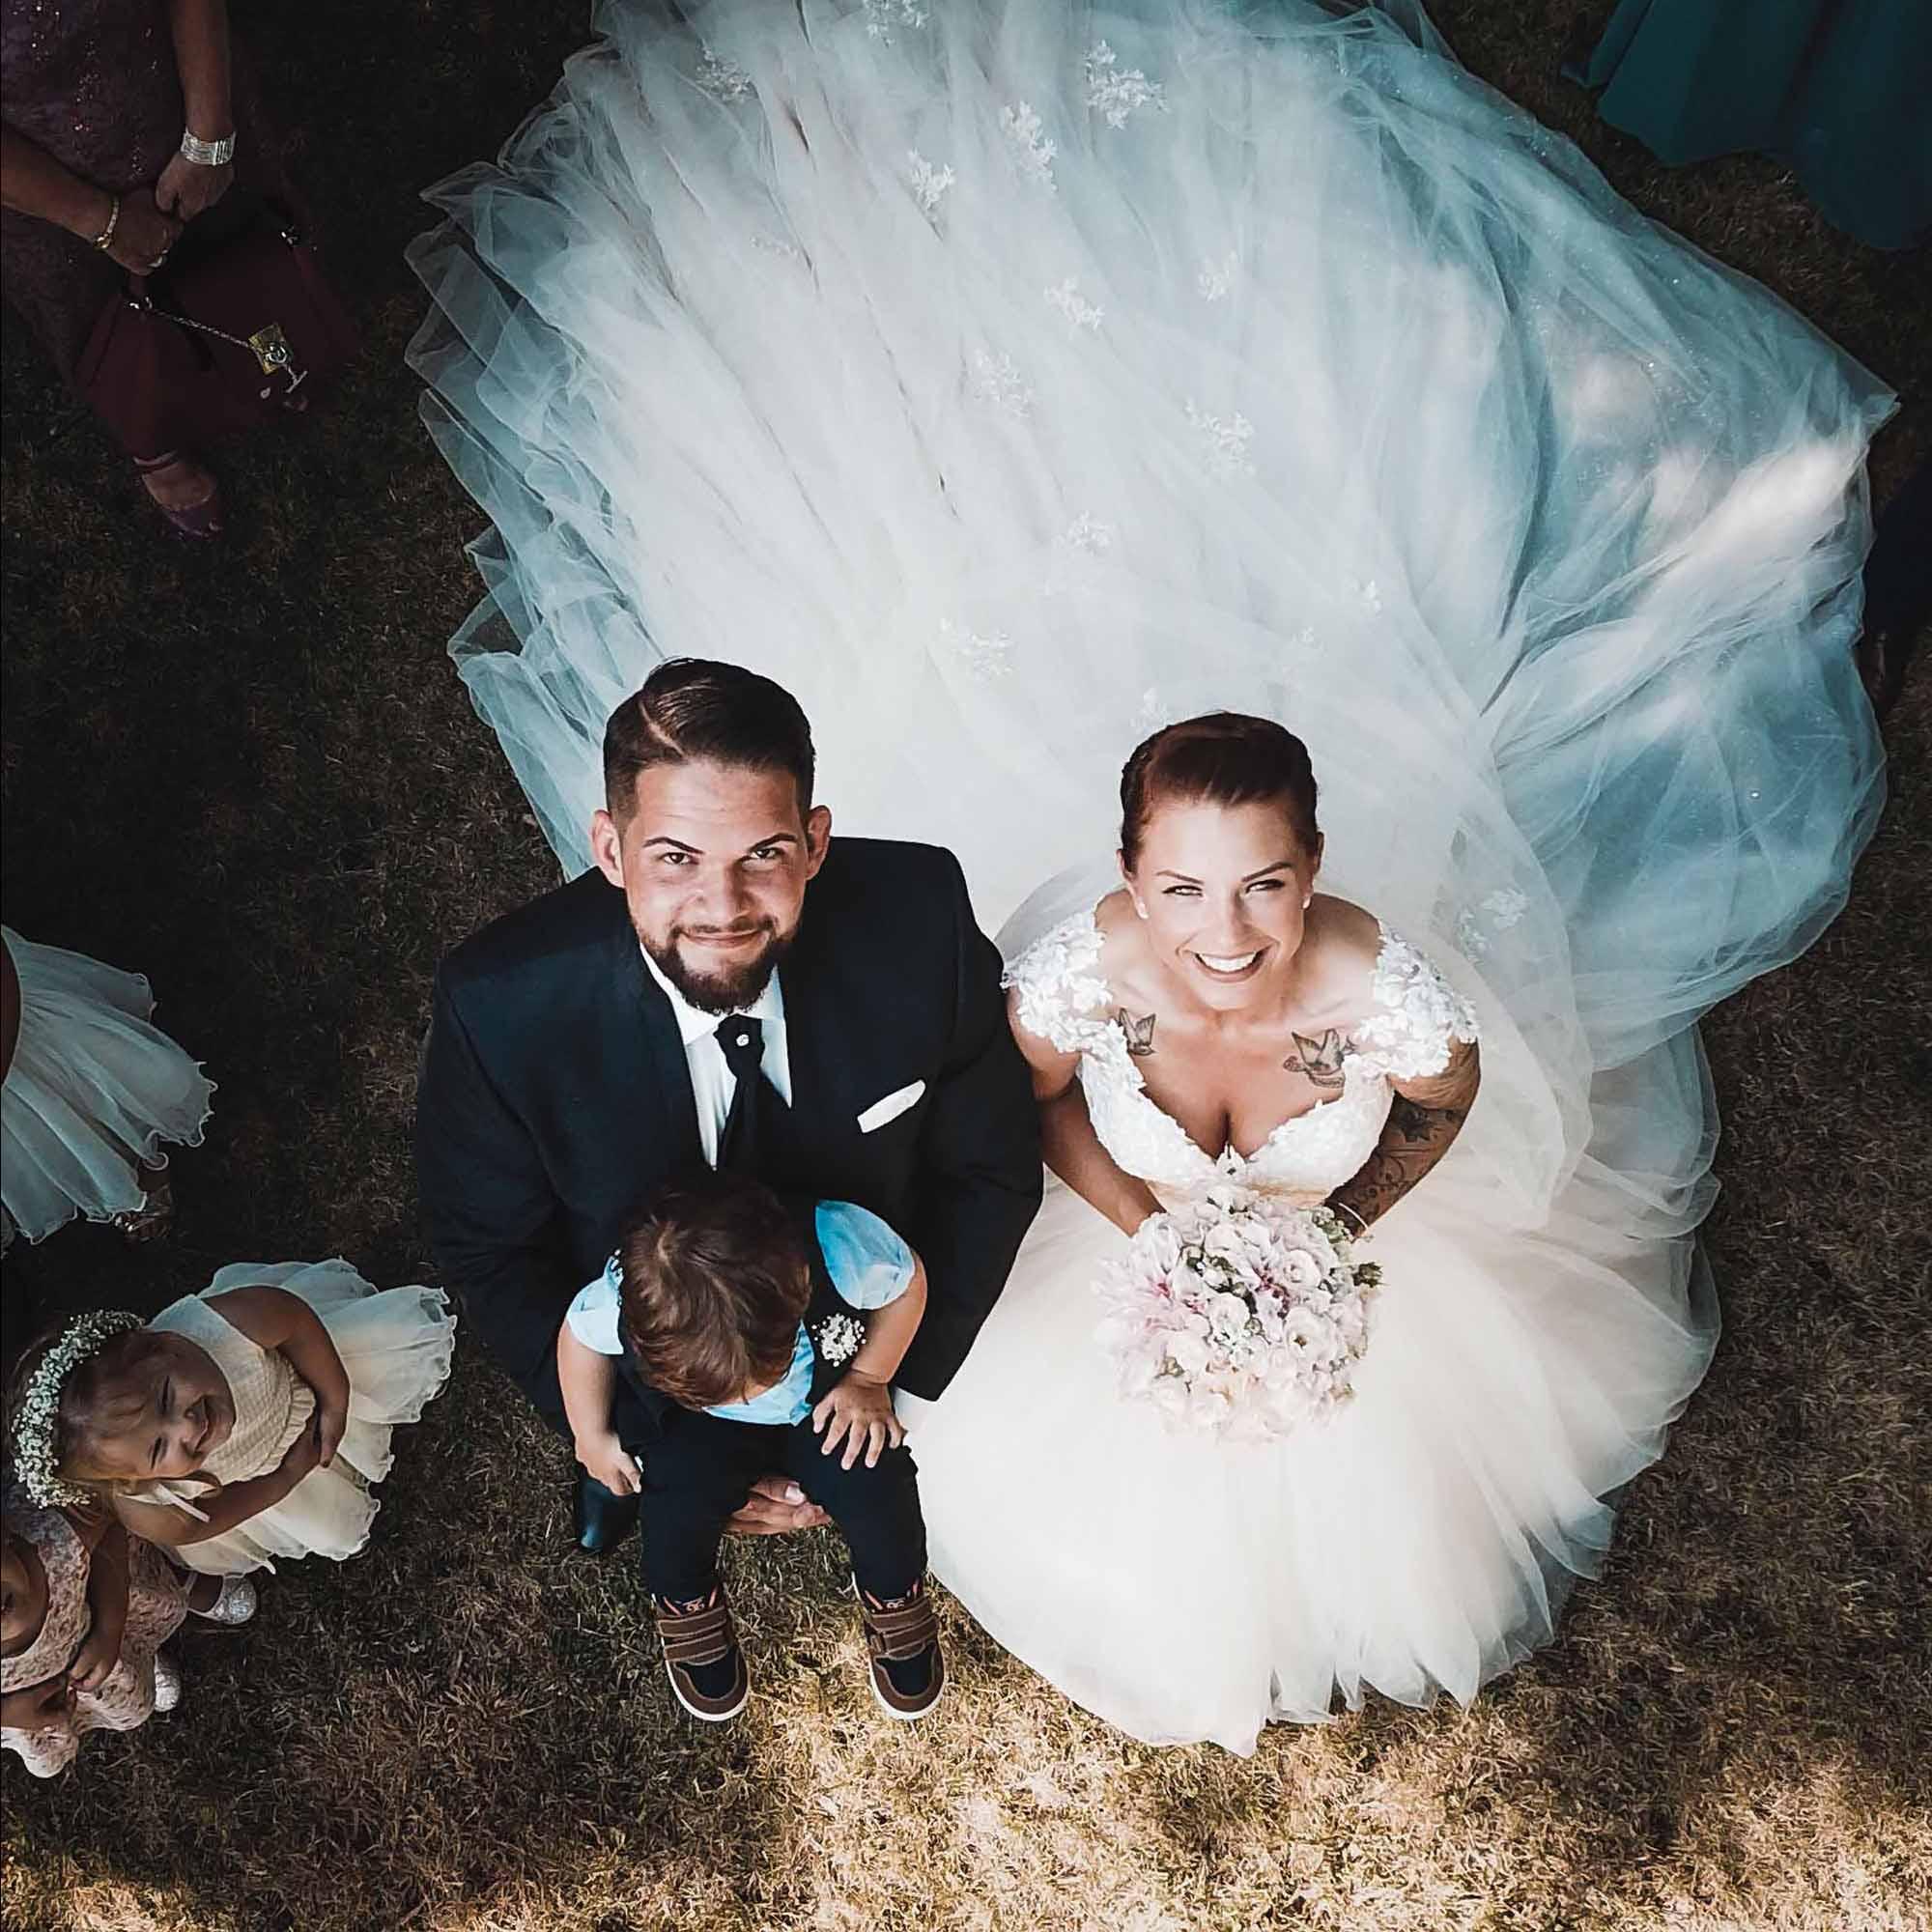 Drohne für Hochzeit, Hochzeitsfotos mit Drohne